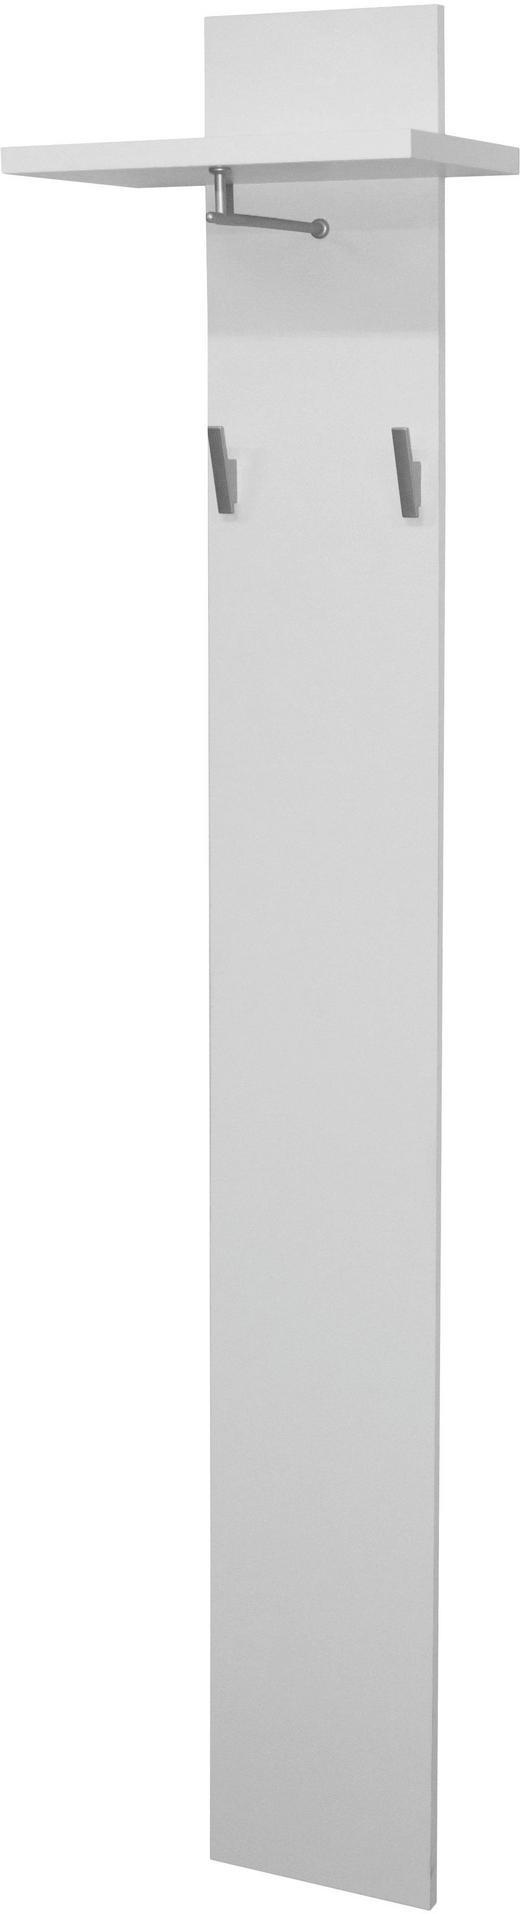 GARDEROBENPANEEL Weiß - Weiß, Design (40/188/26cm) - CARRYHOME